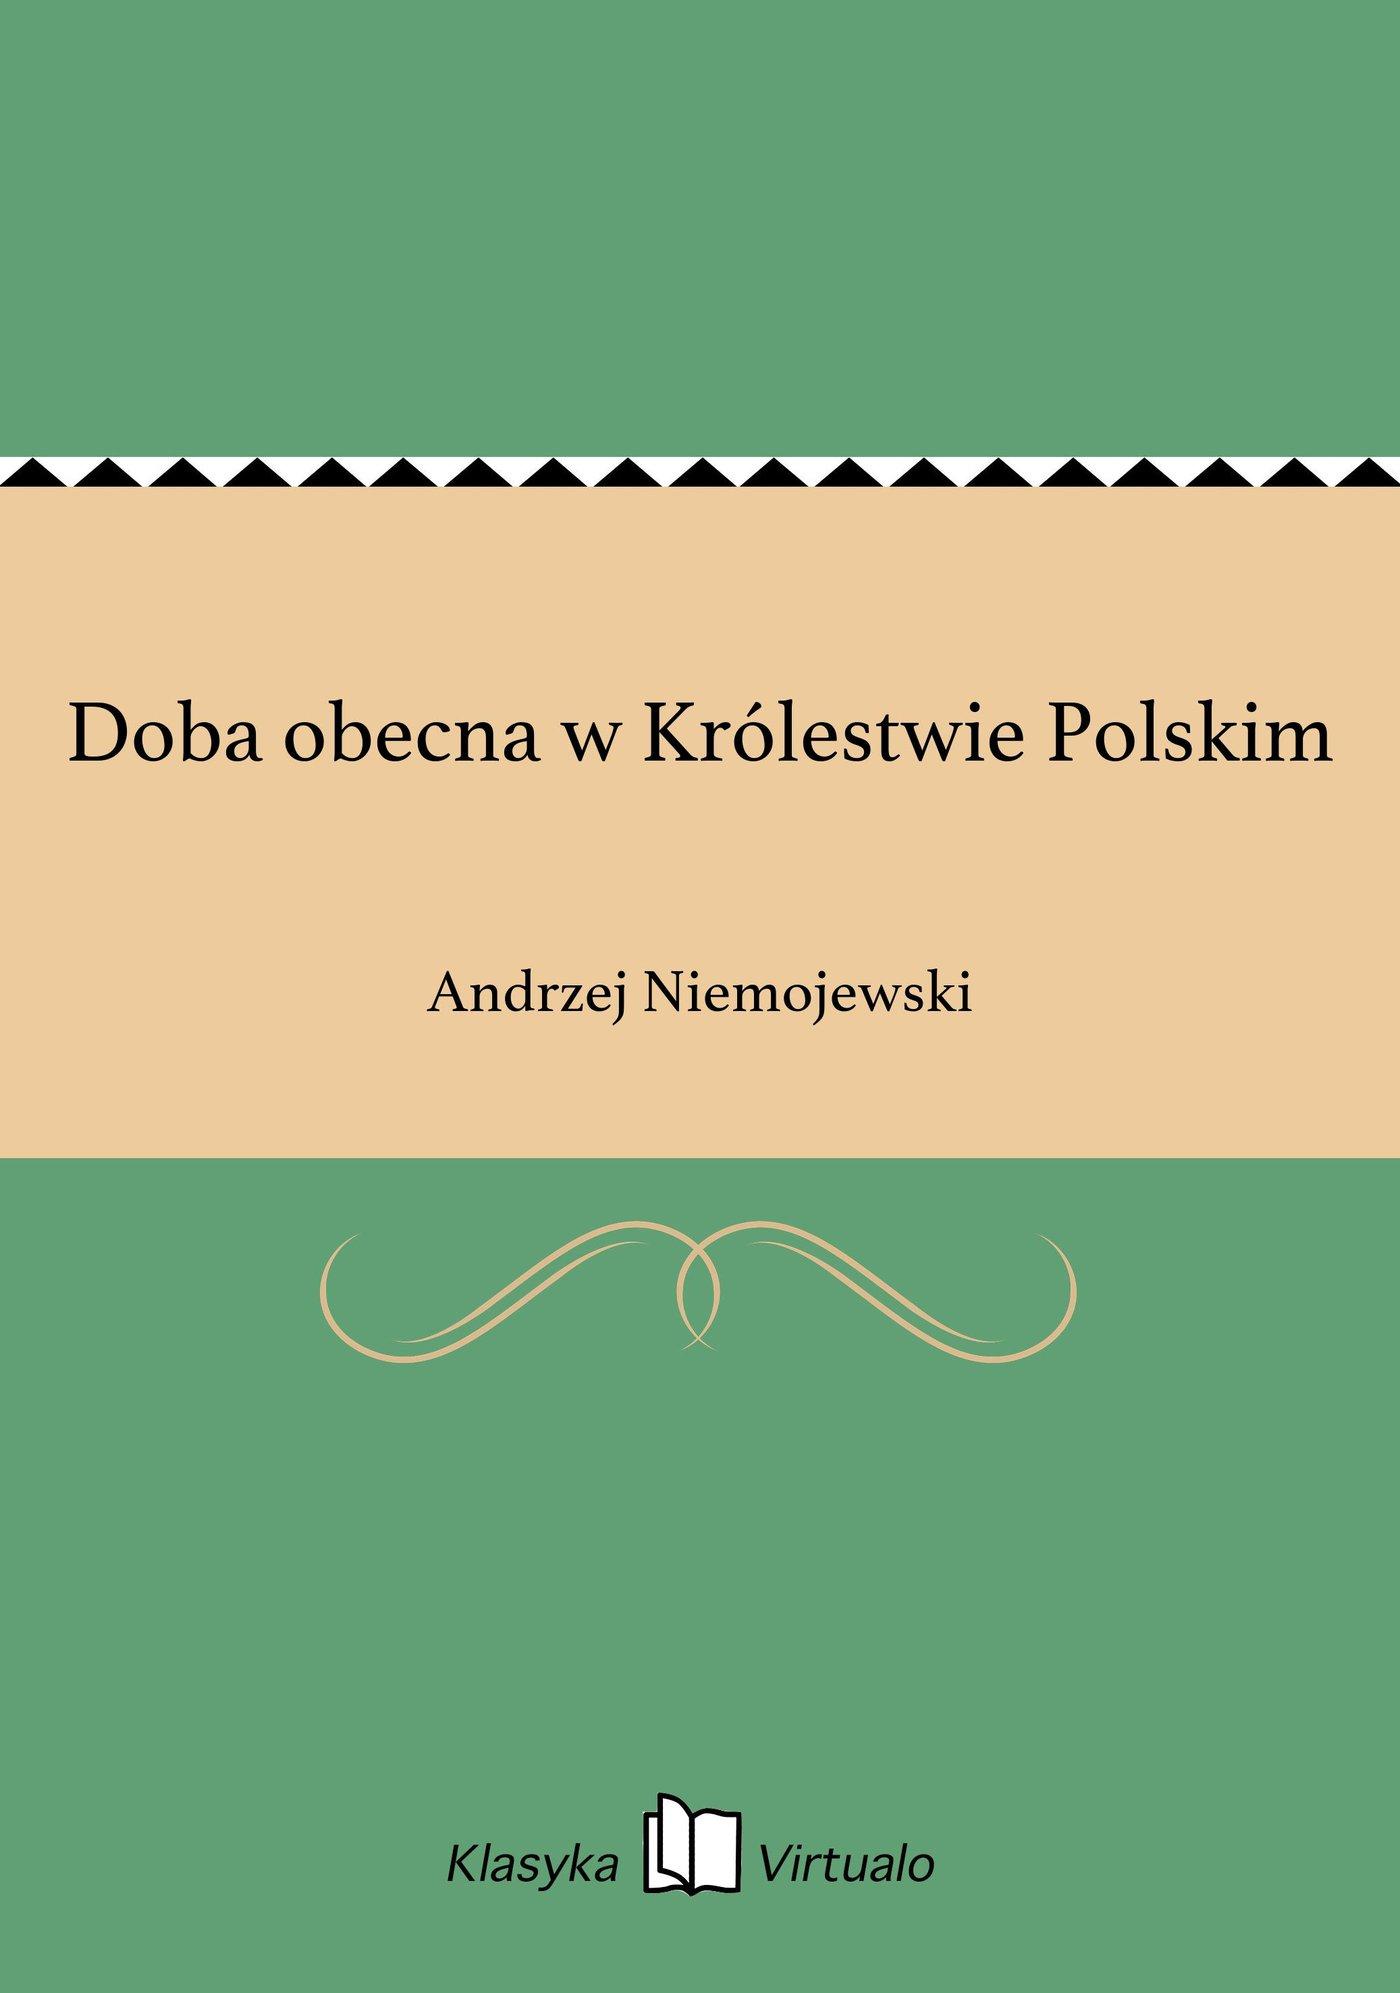 Doba obecna w Królestwie Polskim - Ebook (Książka EPUB) do pobrania w formacie EPUB